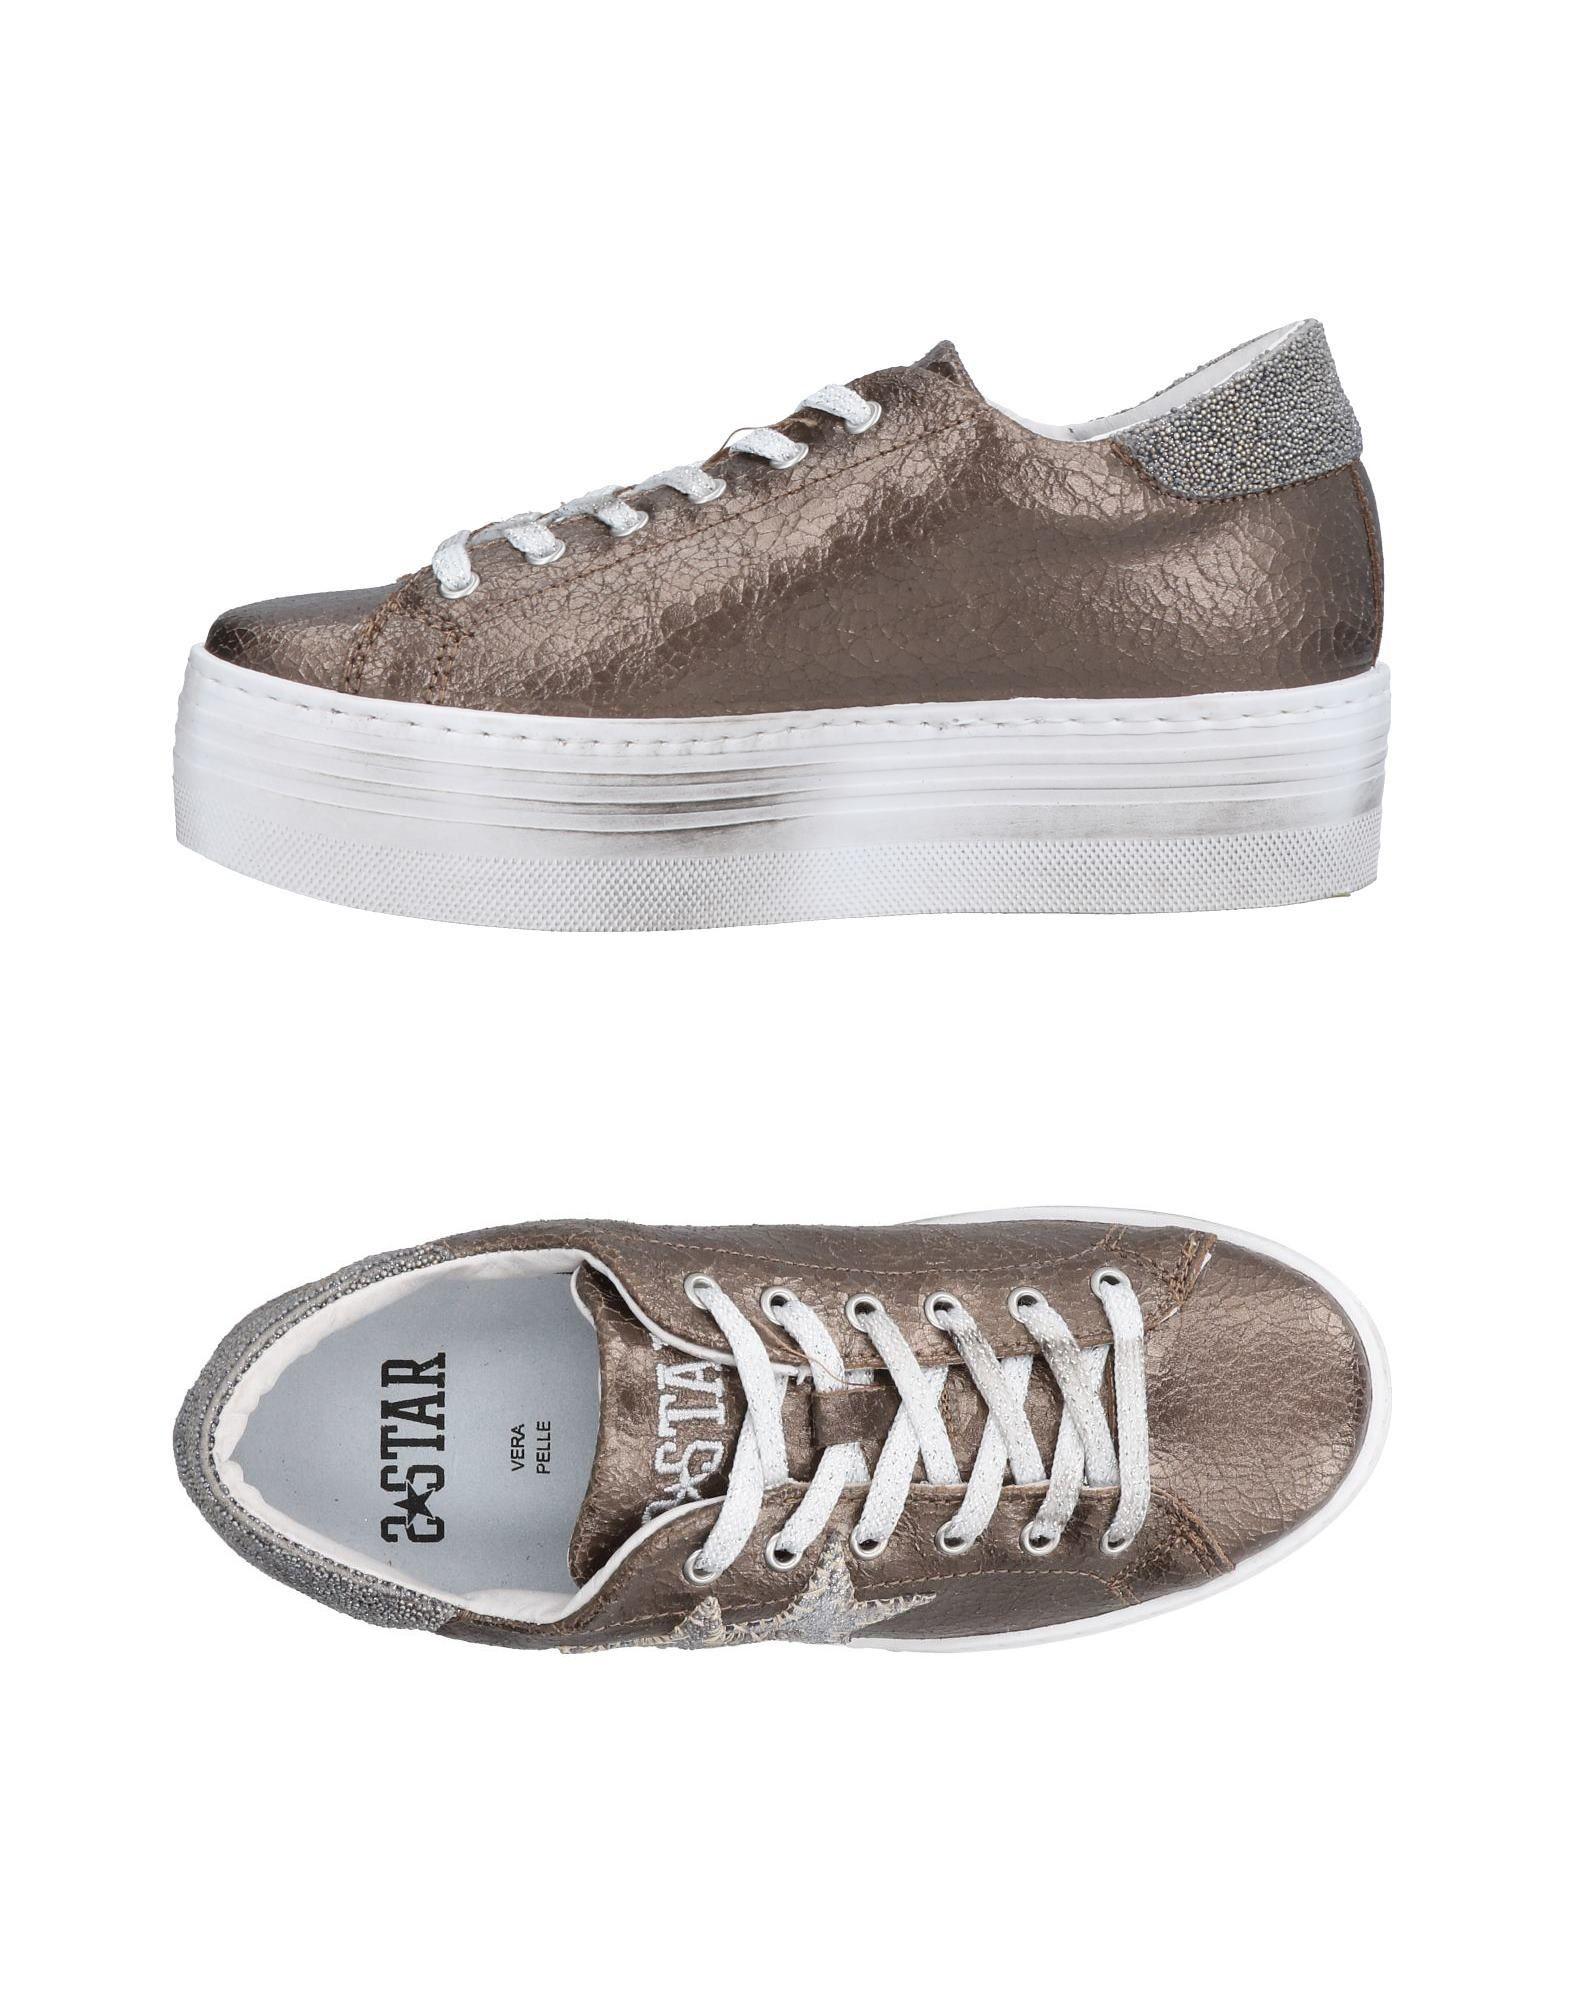 2Star Sneakers Damen  11457743IG Gute Gute 11457743IG Qualität beliebte Schuhe 8e6059